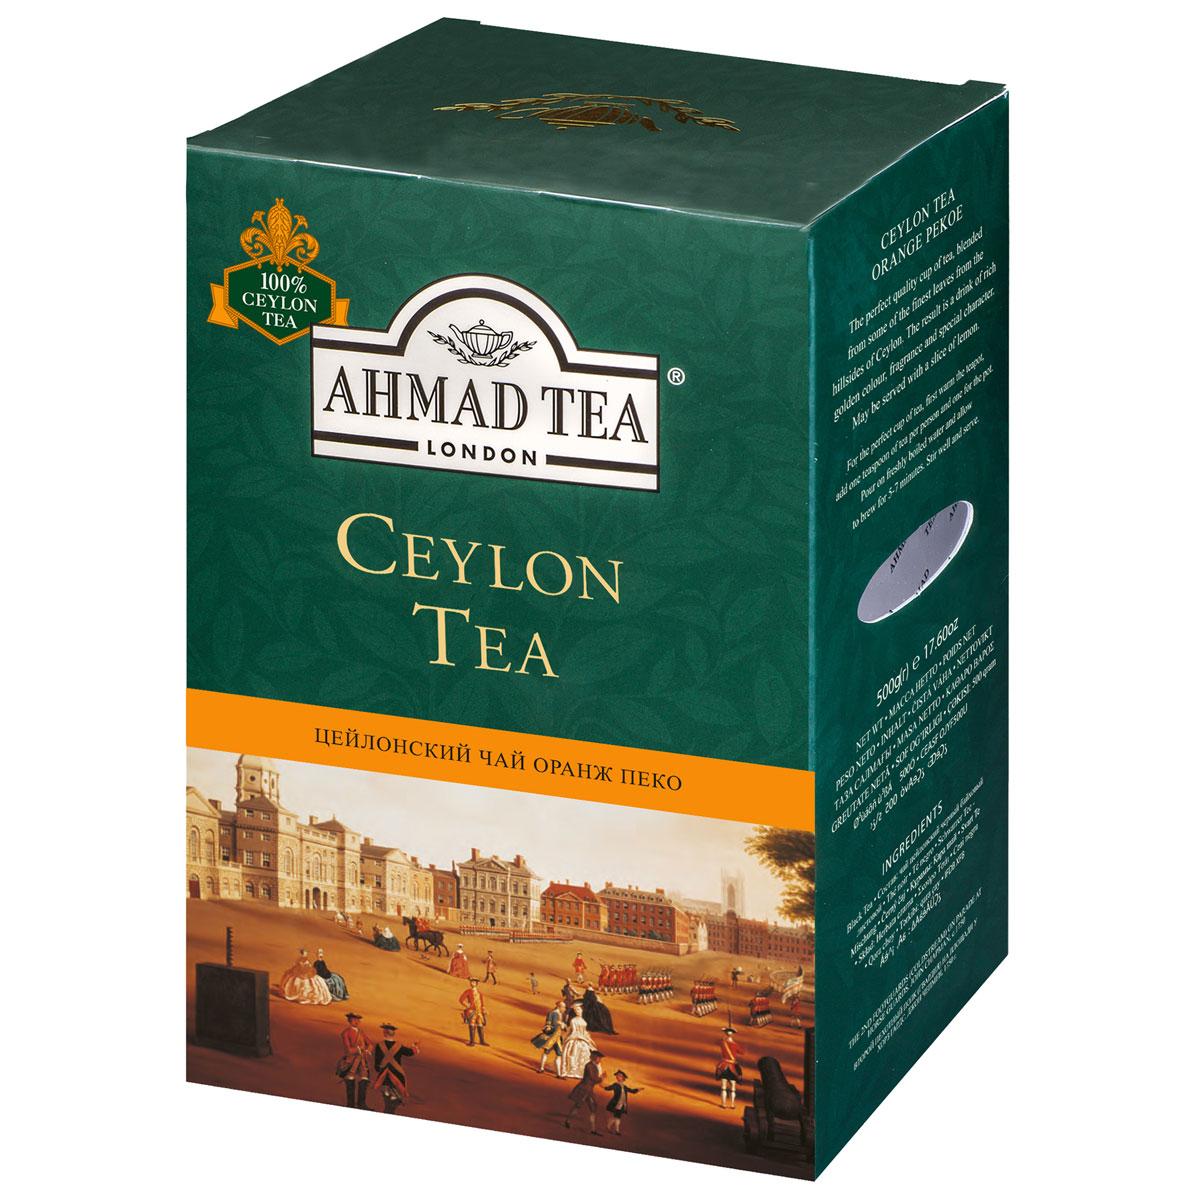 Ahmad Tea Ceylon Tea Orange Pekoe черный чай, 500 г579-1Ahmad Tea Ceylon Tea Orange Pekoe - черный байховый листовой чай, собранный в лучших высокогорных садах Цейлона. Напиток отличает богатство вкуса, аромата и чистый золотой настой.Уважаемые клиенты! Обращаем ваше внимание на то, что упаковка может иметь несколько видов дизайна. Поставка осуществляется в зависимости от наличия на складе.